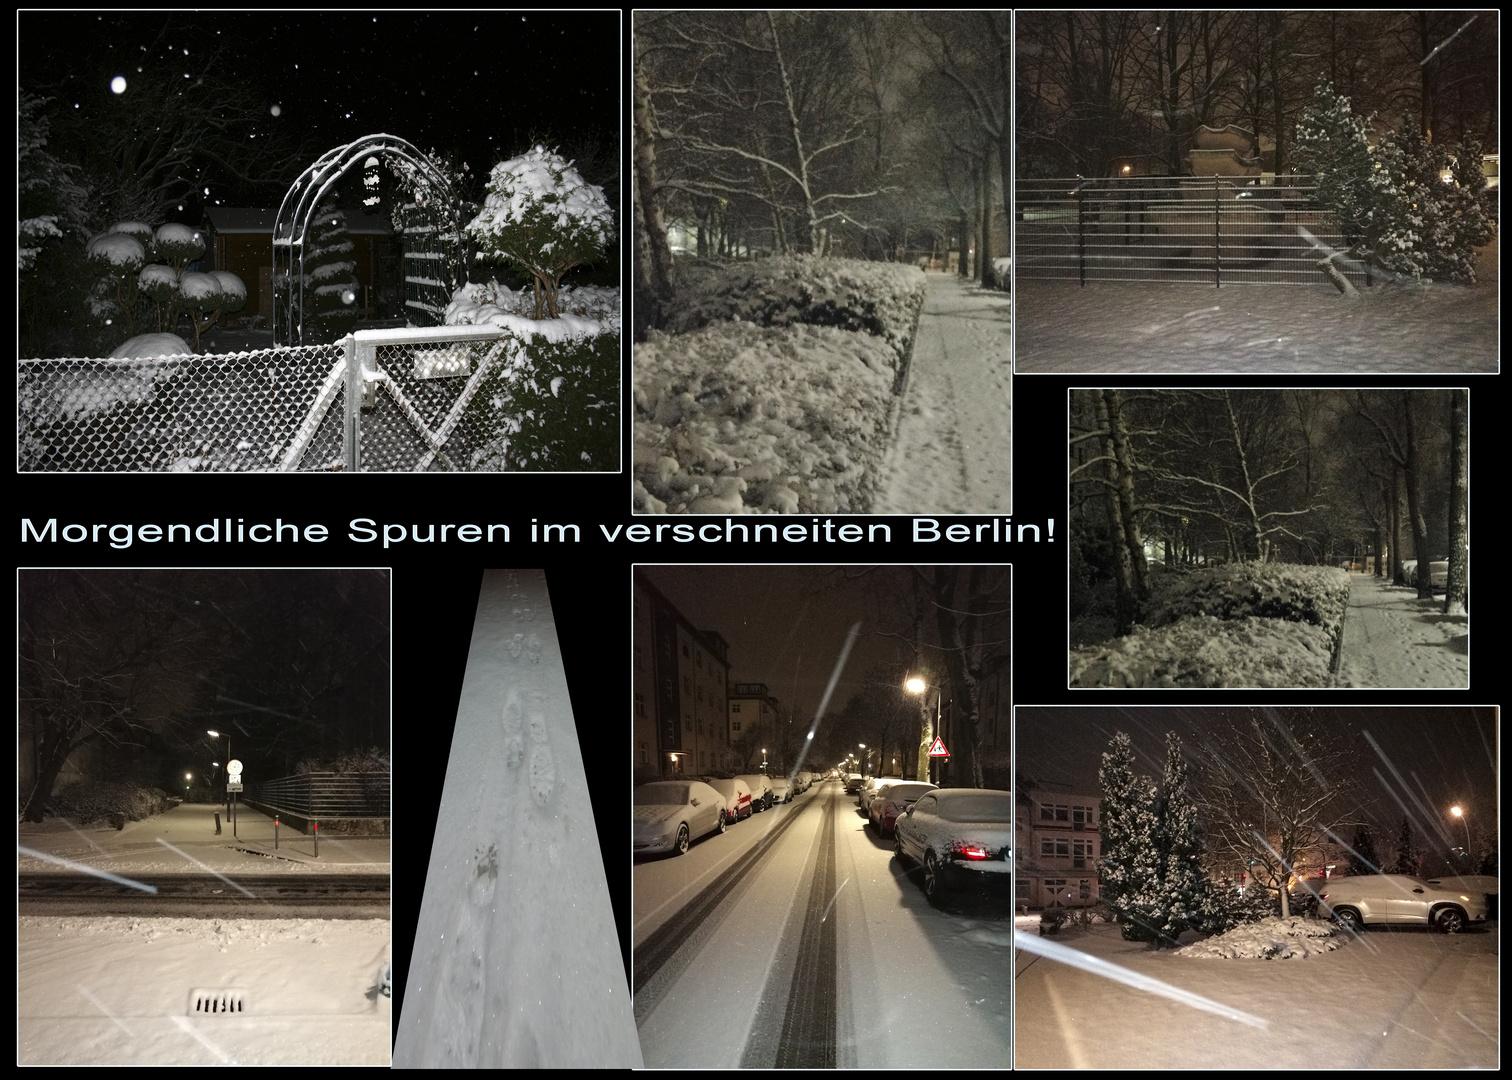 Morgendliche Spuren Berlin